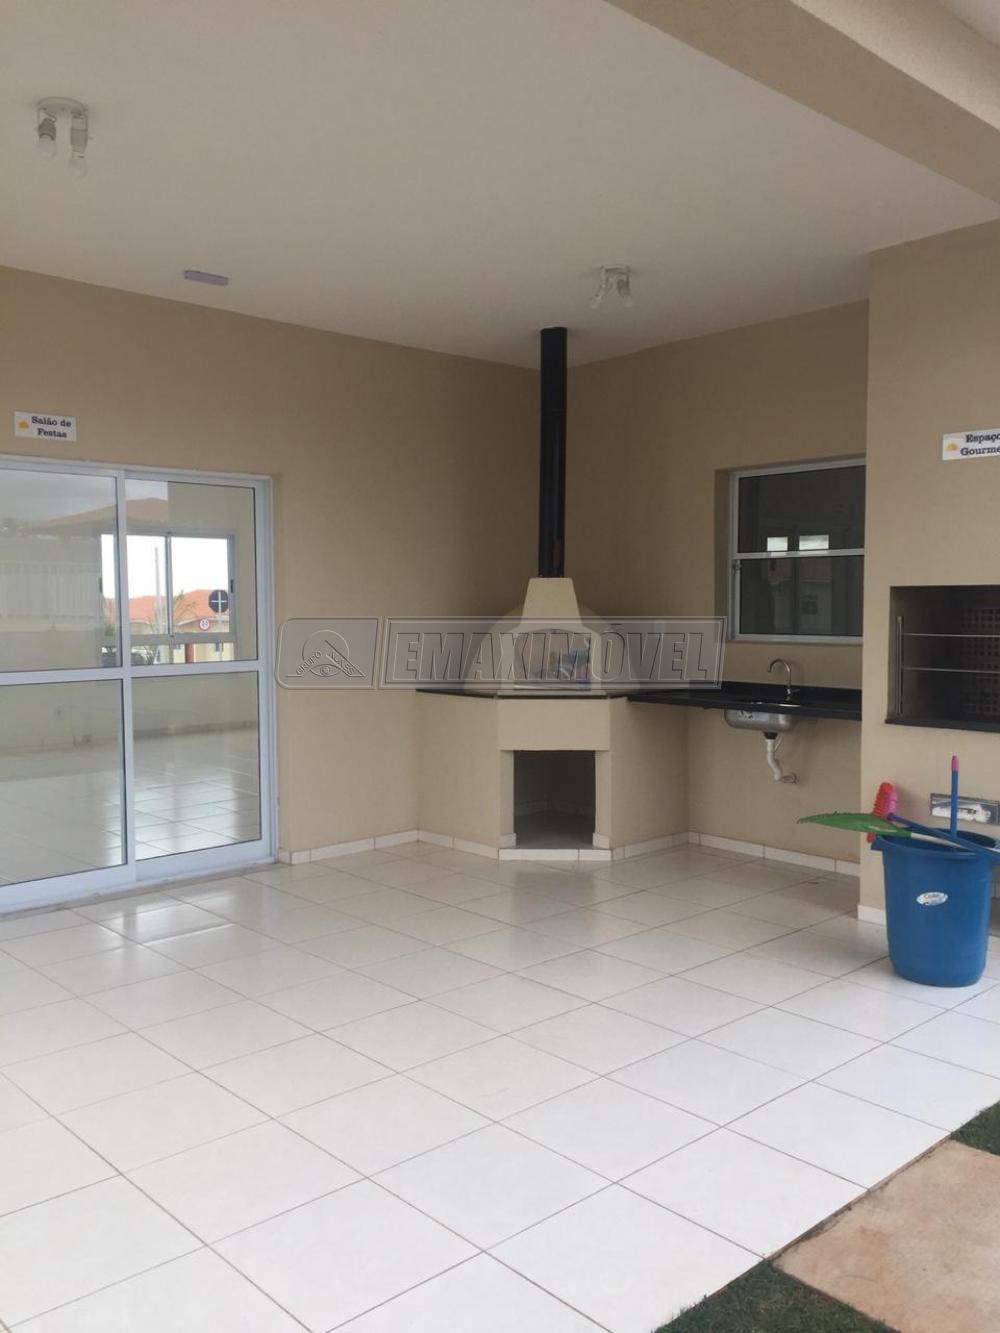 Alugar Casas / em Condomínios em Sorocaba apenas R$ 890,00 - Foto 9